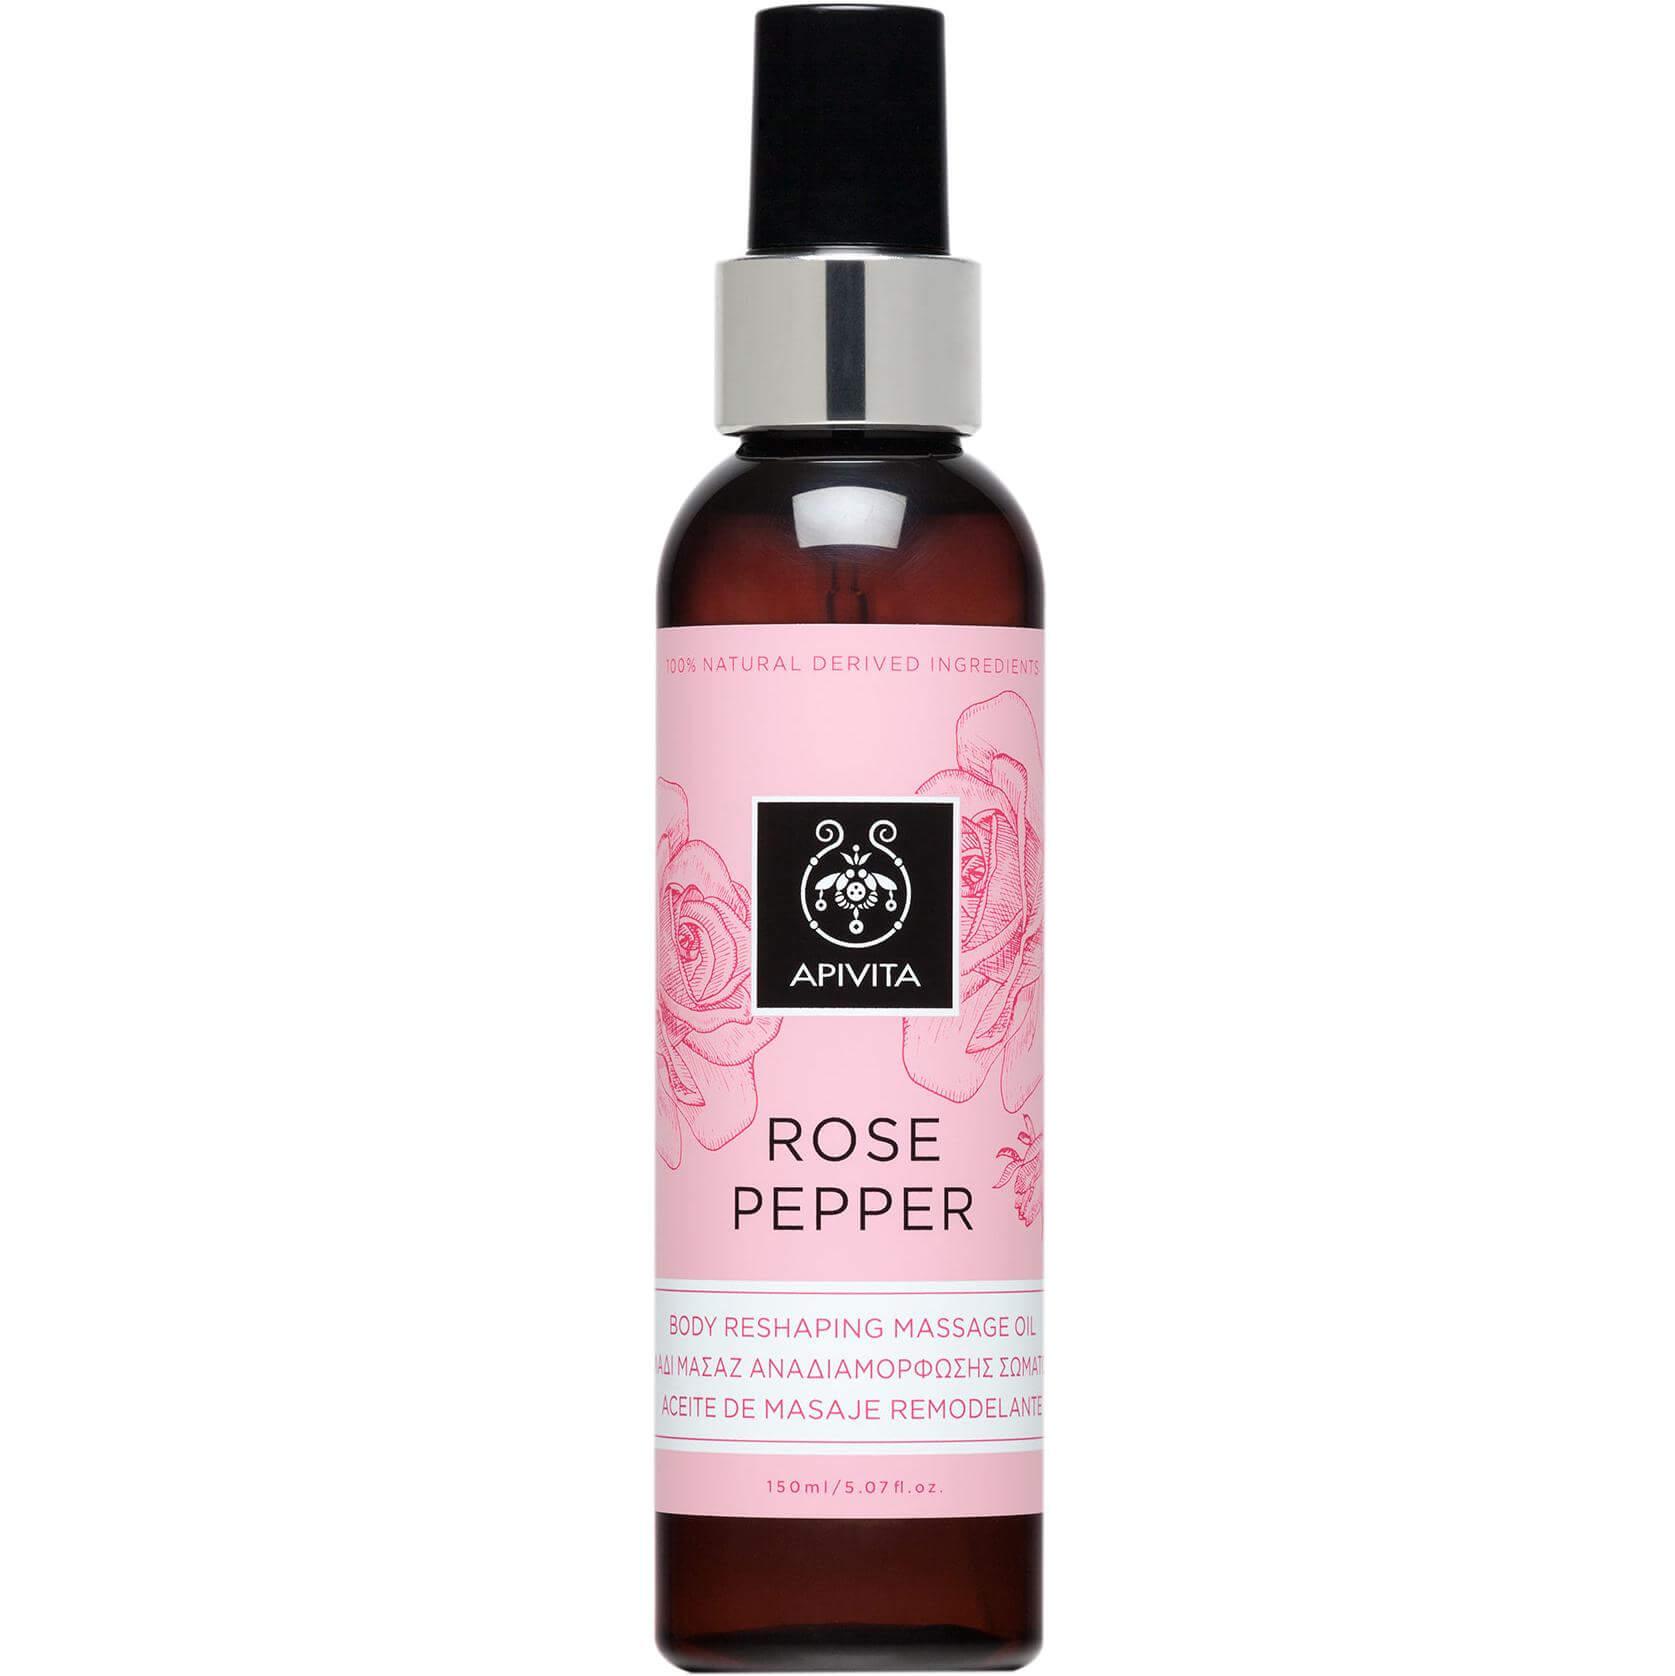 Apivita Rose Pepper Λάδι Μασάζ Αναδιαμόρφωσης Σώματος 150ml